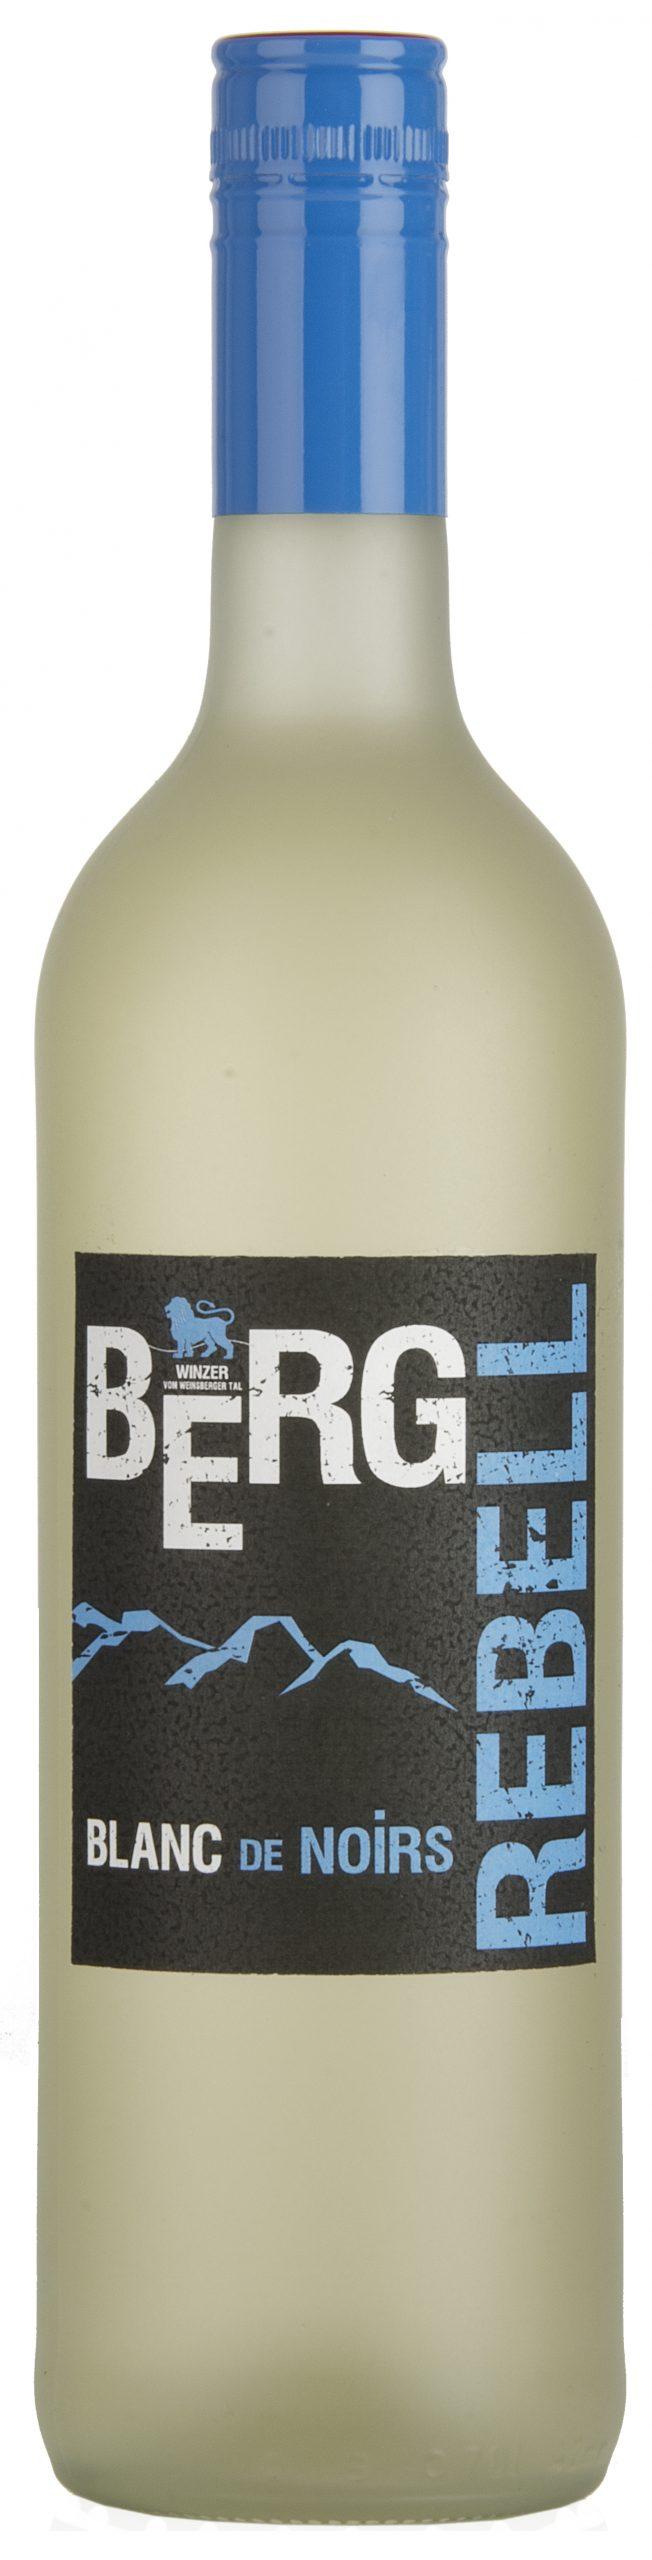 Neuer Wein der Winzer vom Weinsberger Tal: Der fruchtige Bergrebell Blanc de noirs